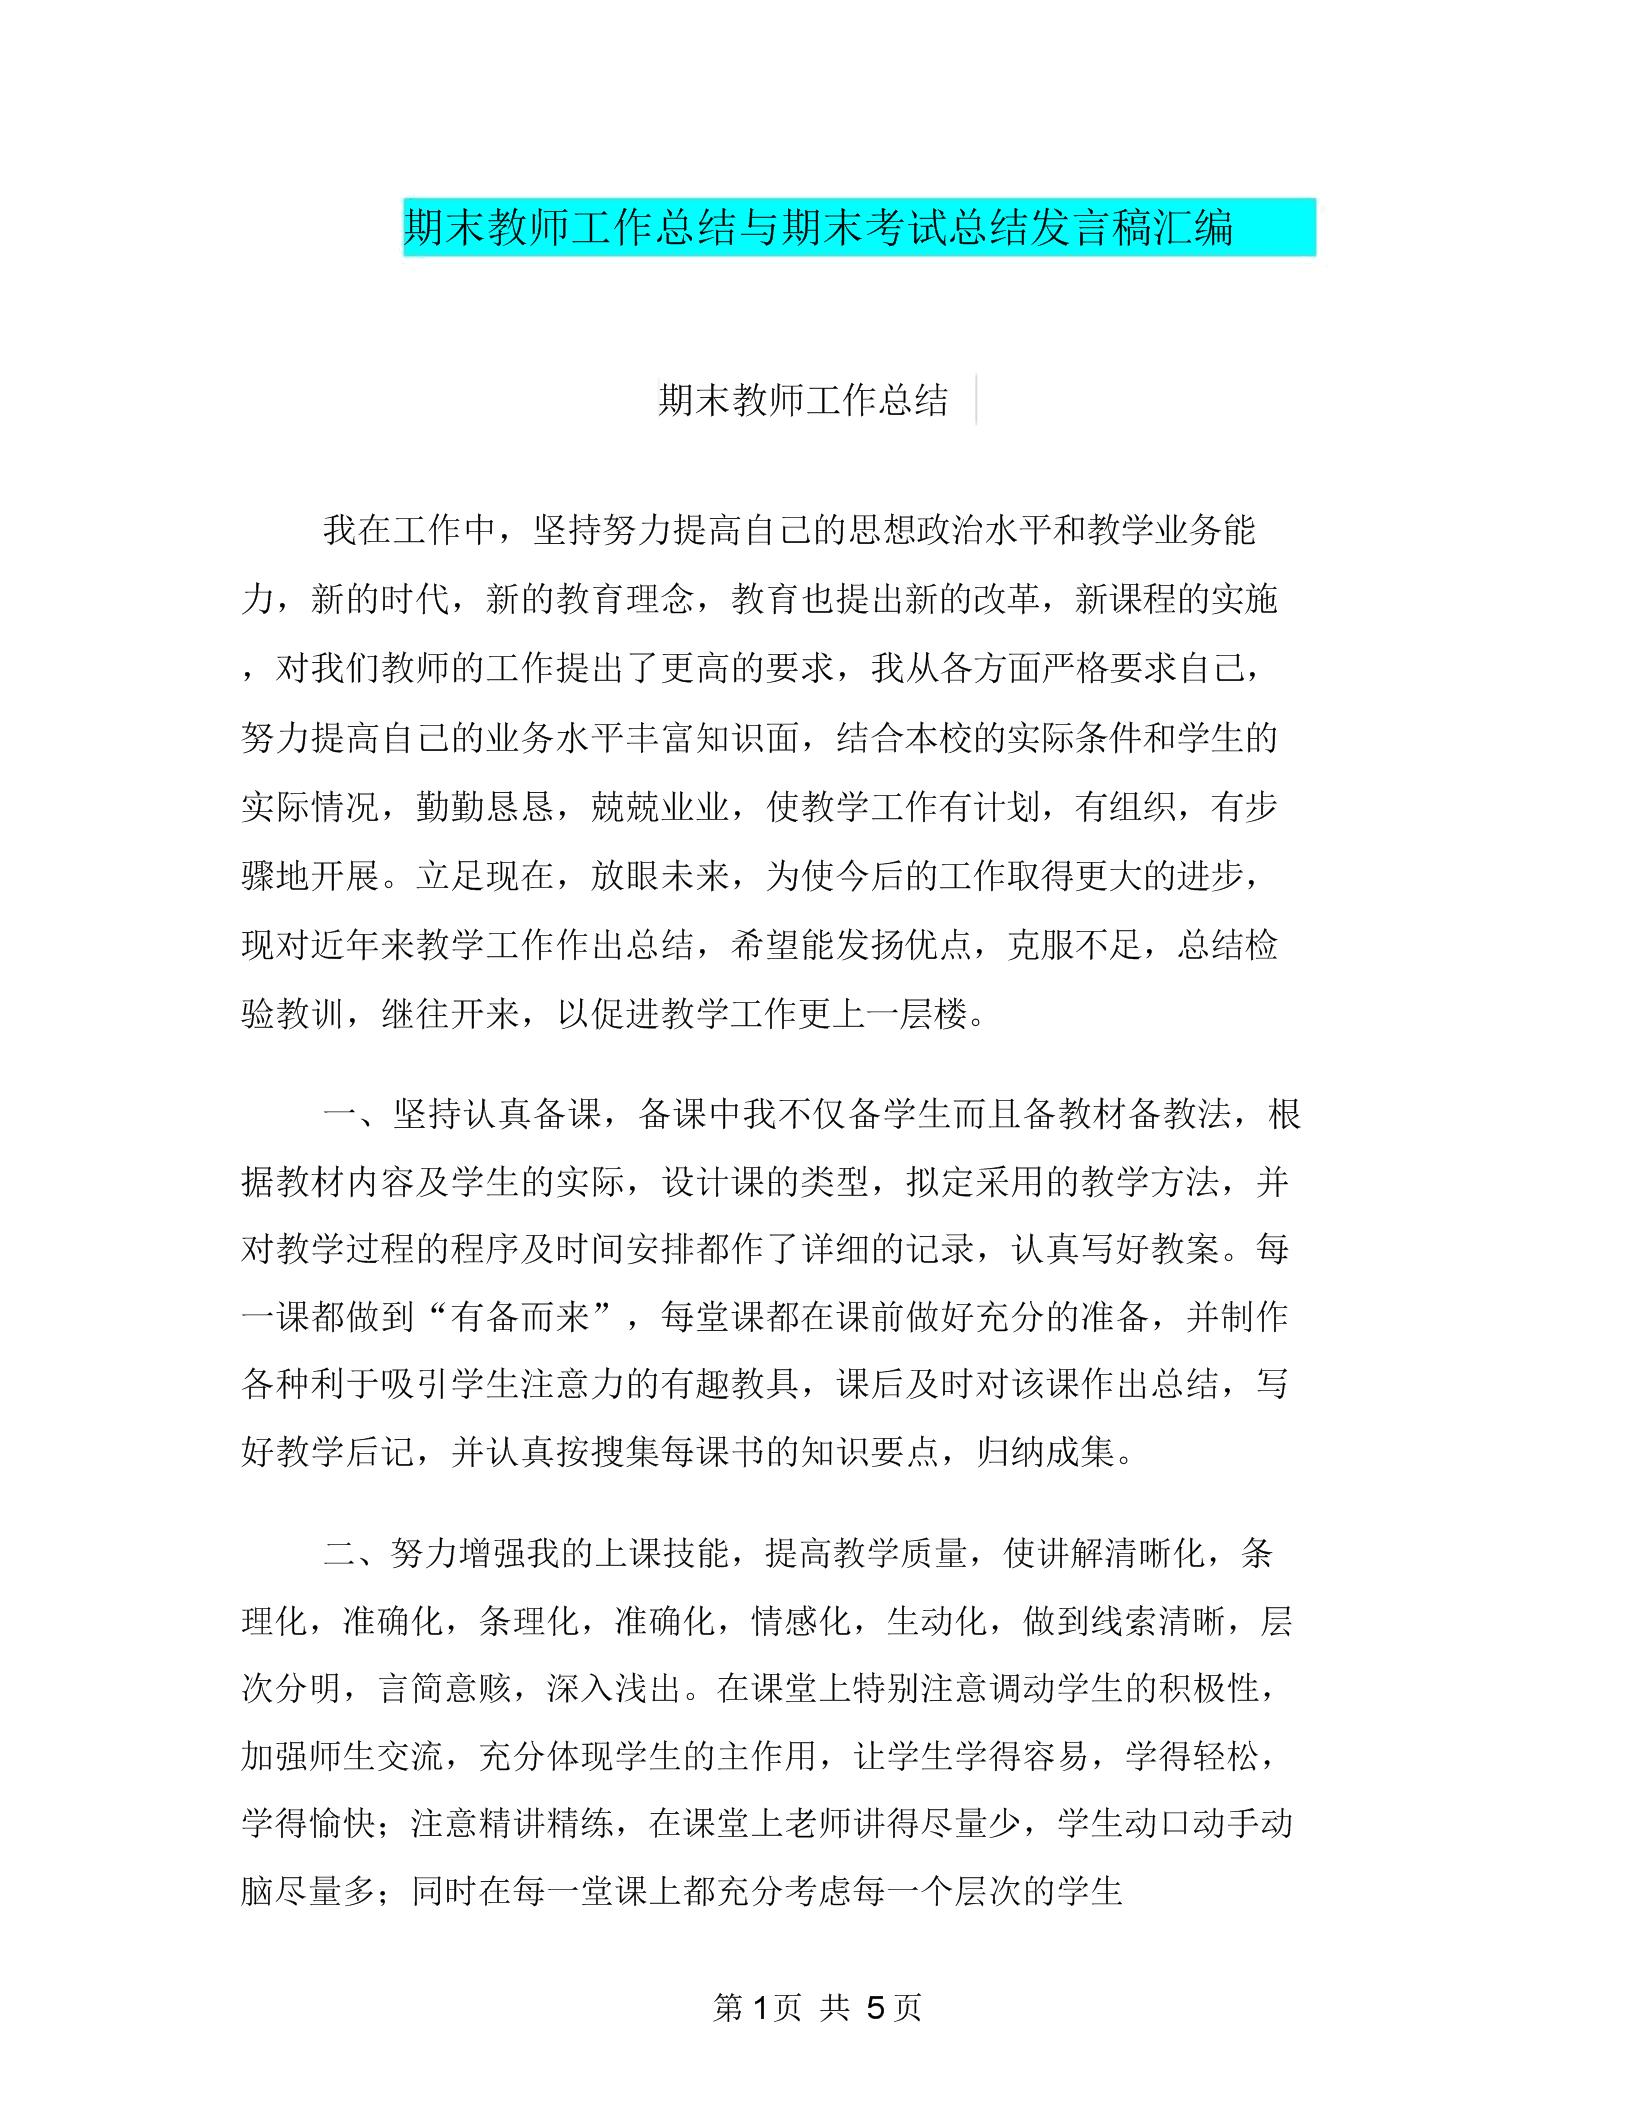 期末教师工作及期末考试发言演讲稿文本汇编.doc